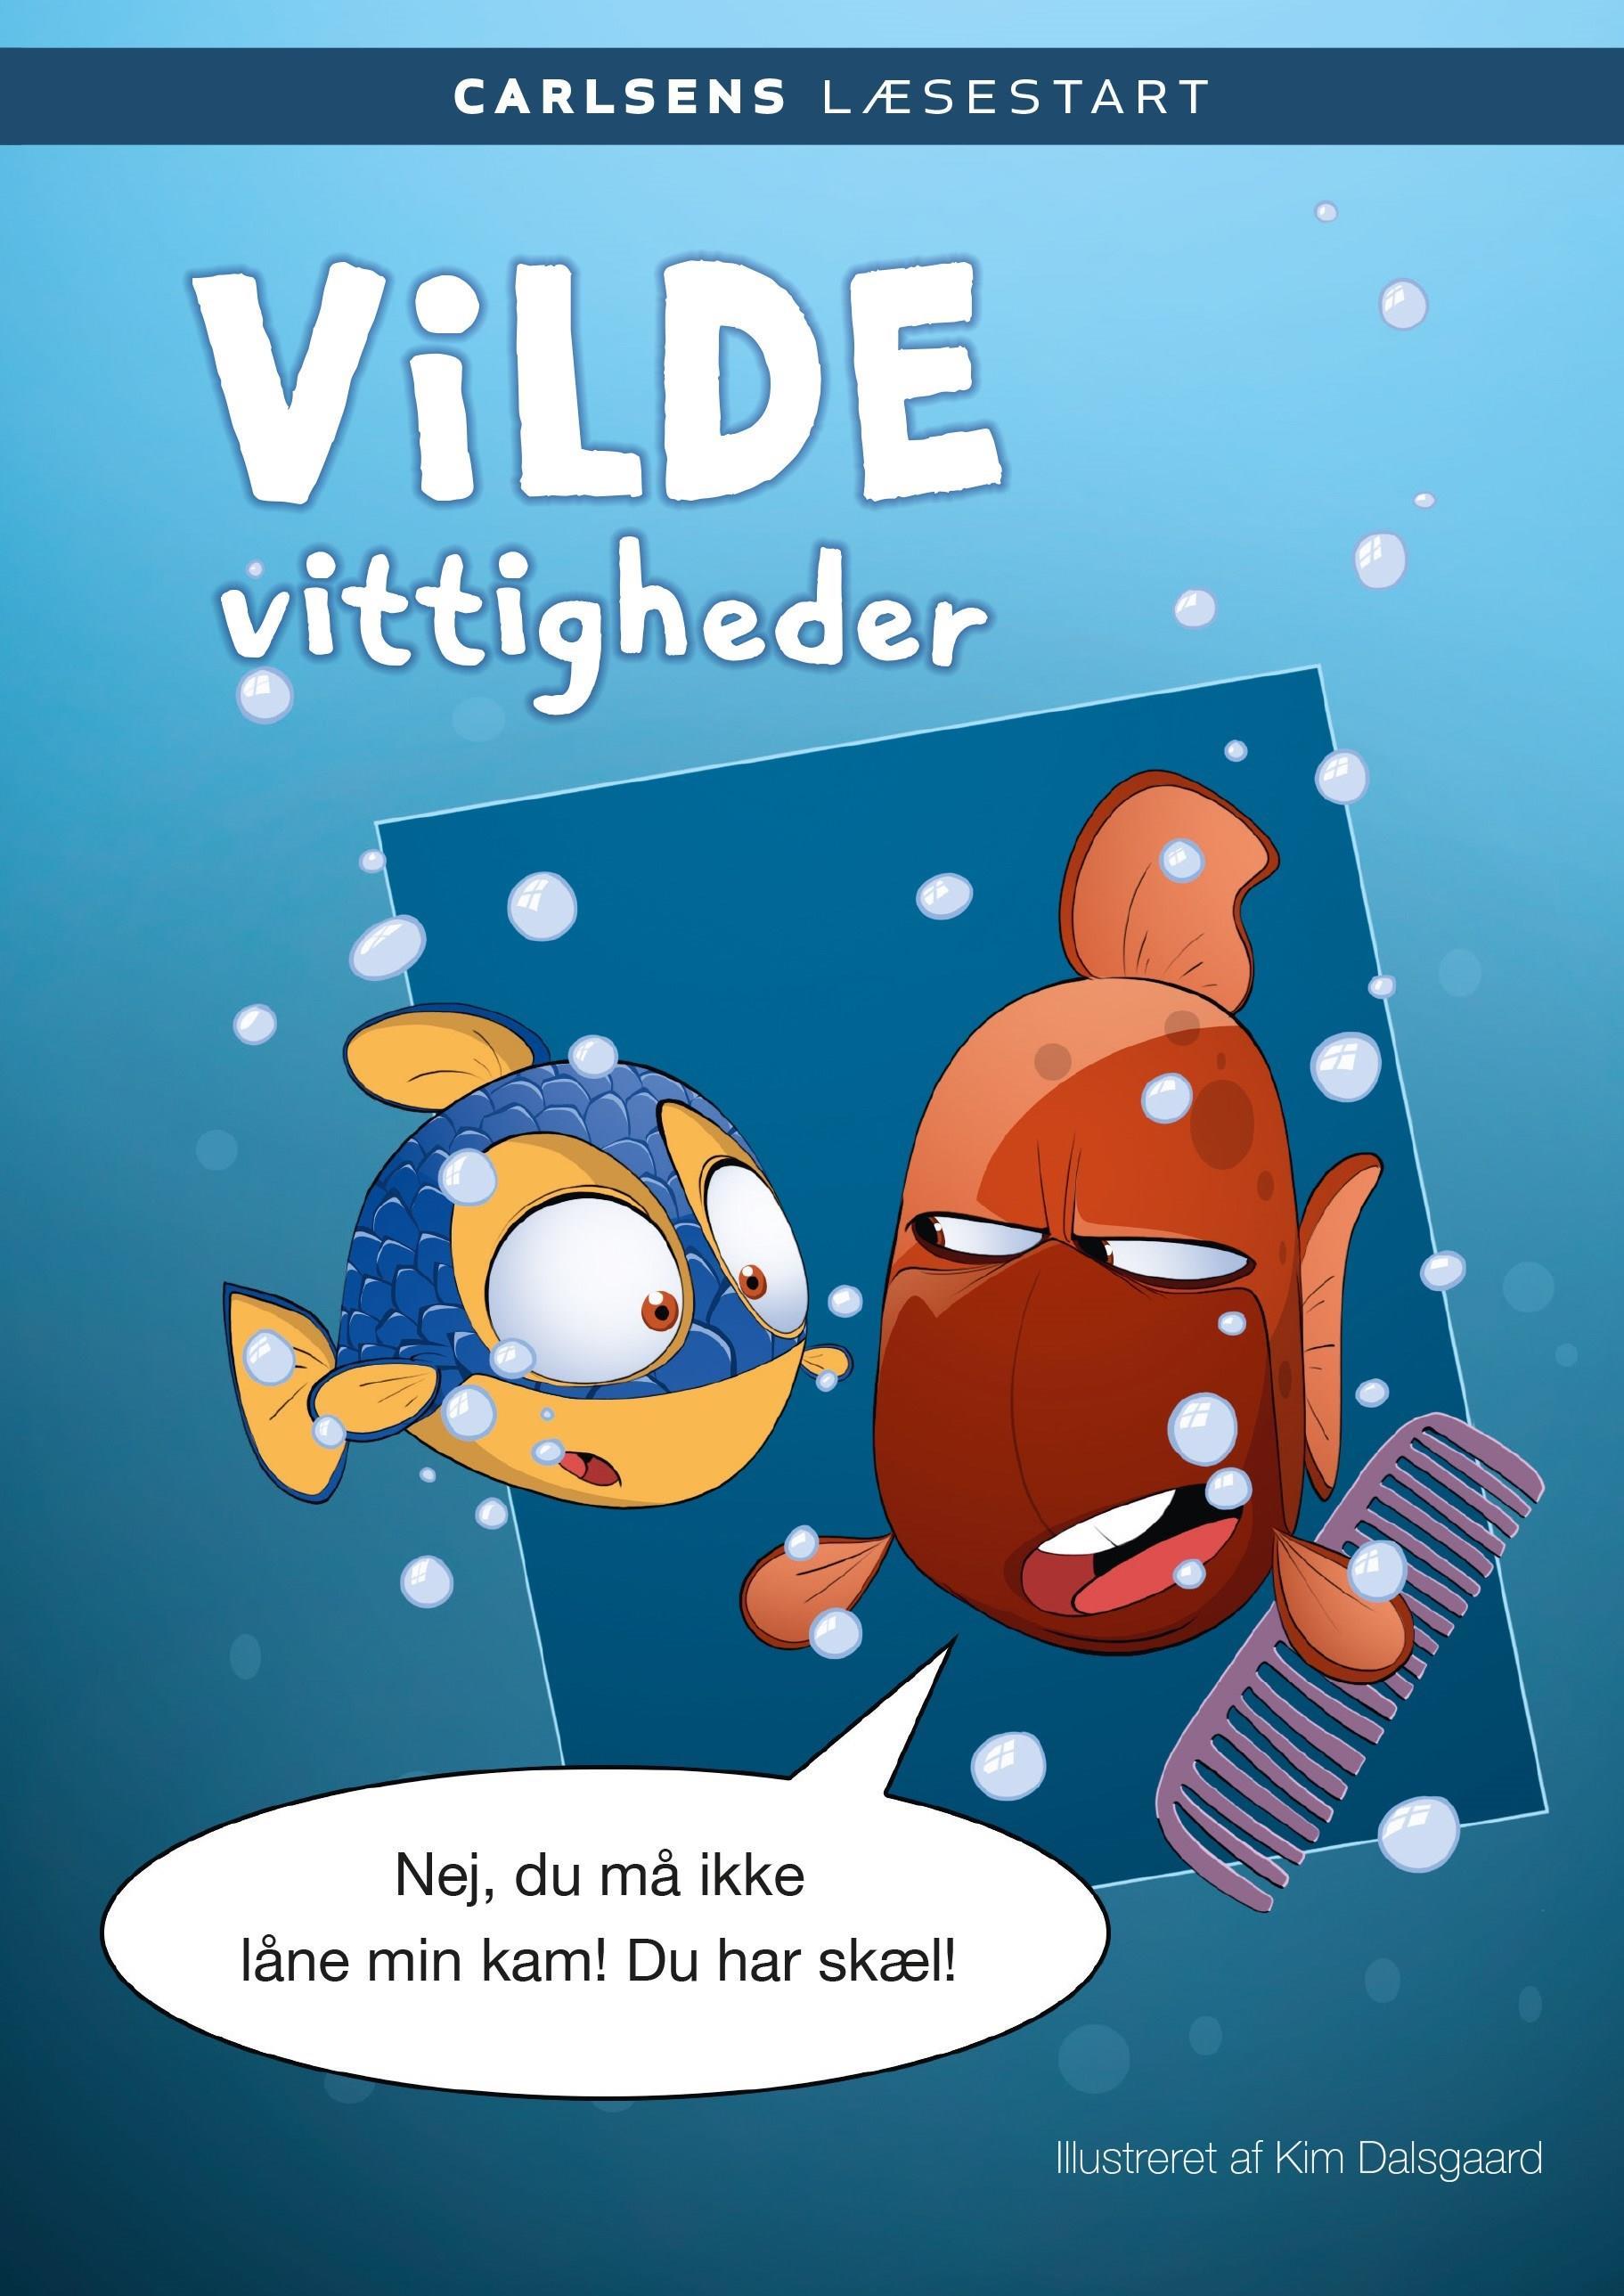 Carlsens Læsestart: Carlsens Læsestart: Vilde vittigheder - Kim Dalsgaard - Bøger - CARLSEN - 9788711916636 - January 15, 2020